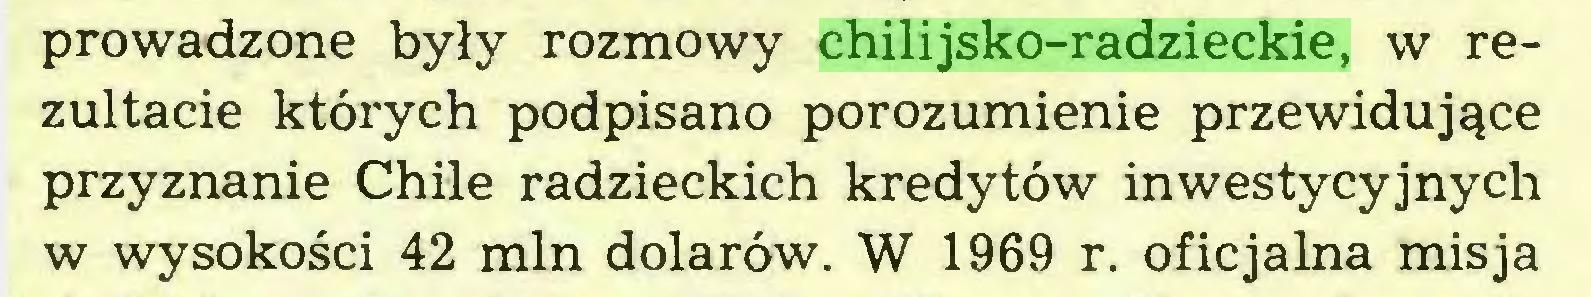 (...) prowadzone były rozmowy chilijsko-radzieckie, w rezultacie których podpisano porozumienie przewidujące przyznanie Chile radzieckich kredytów inwestycyjnych w wysokości 42 min dolarów. W 1969 r. oficjalna misja...